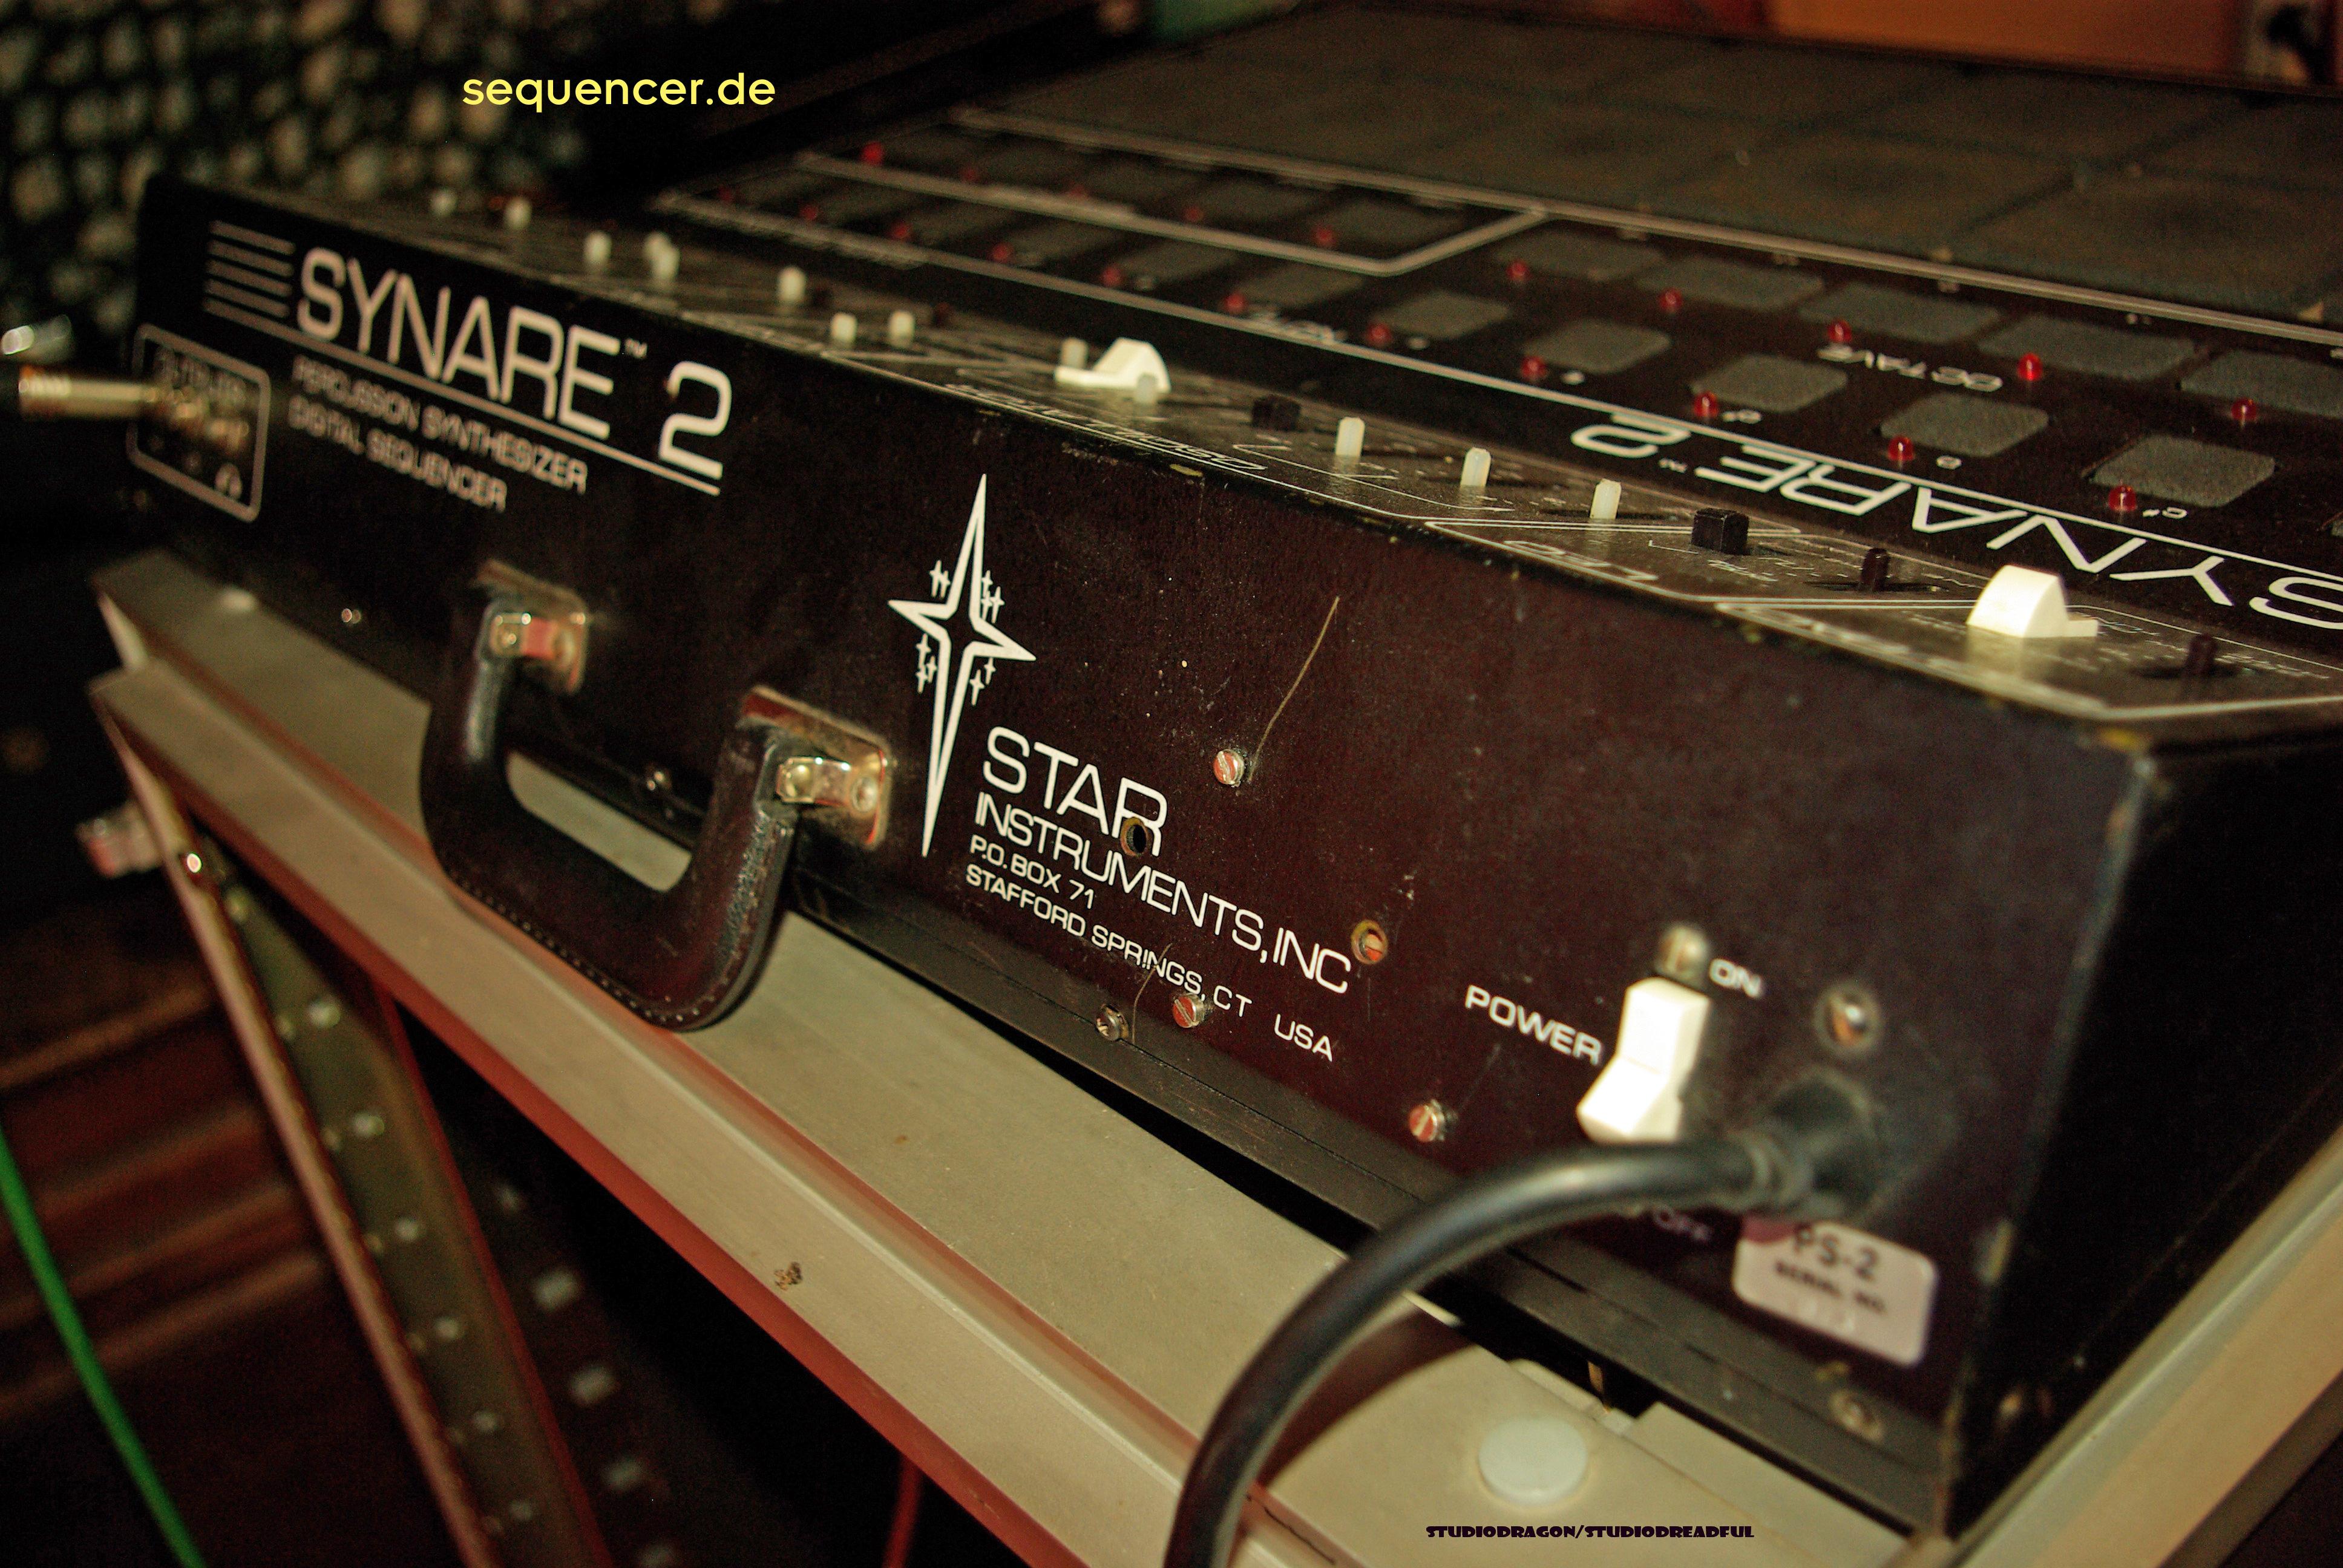 Synare 2 Rückseite Synare 2 rear synthesizer